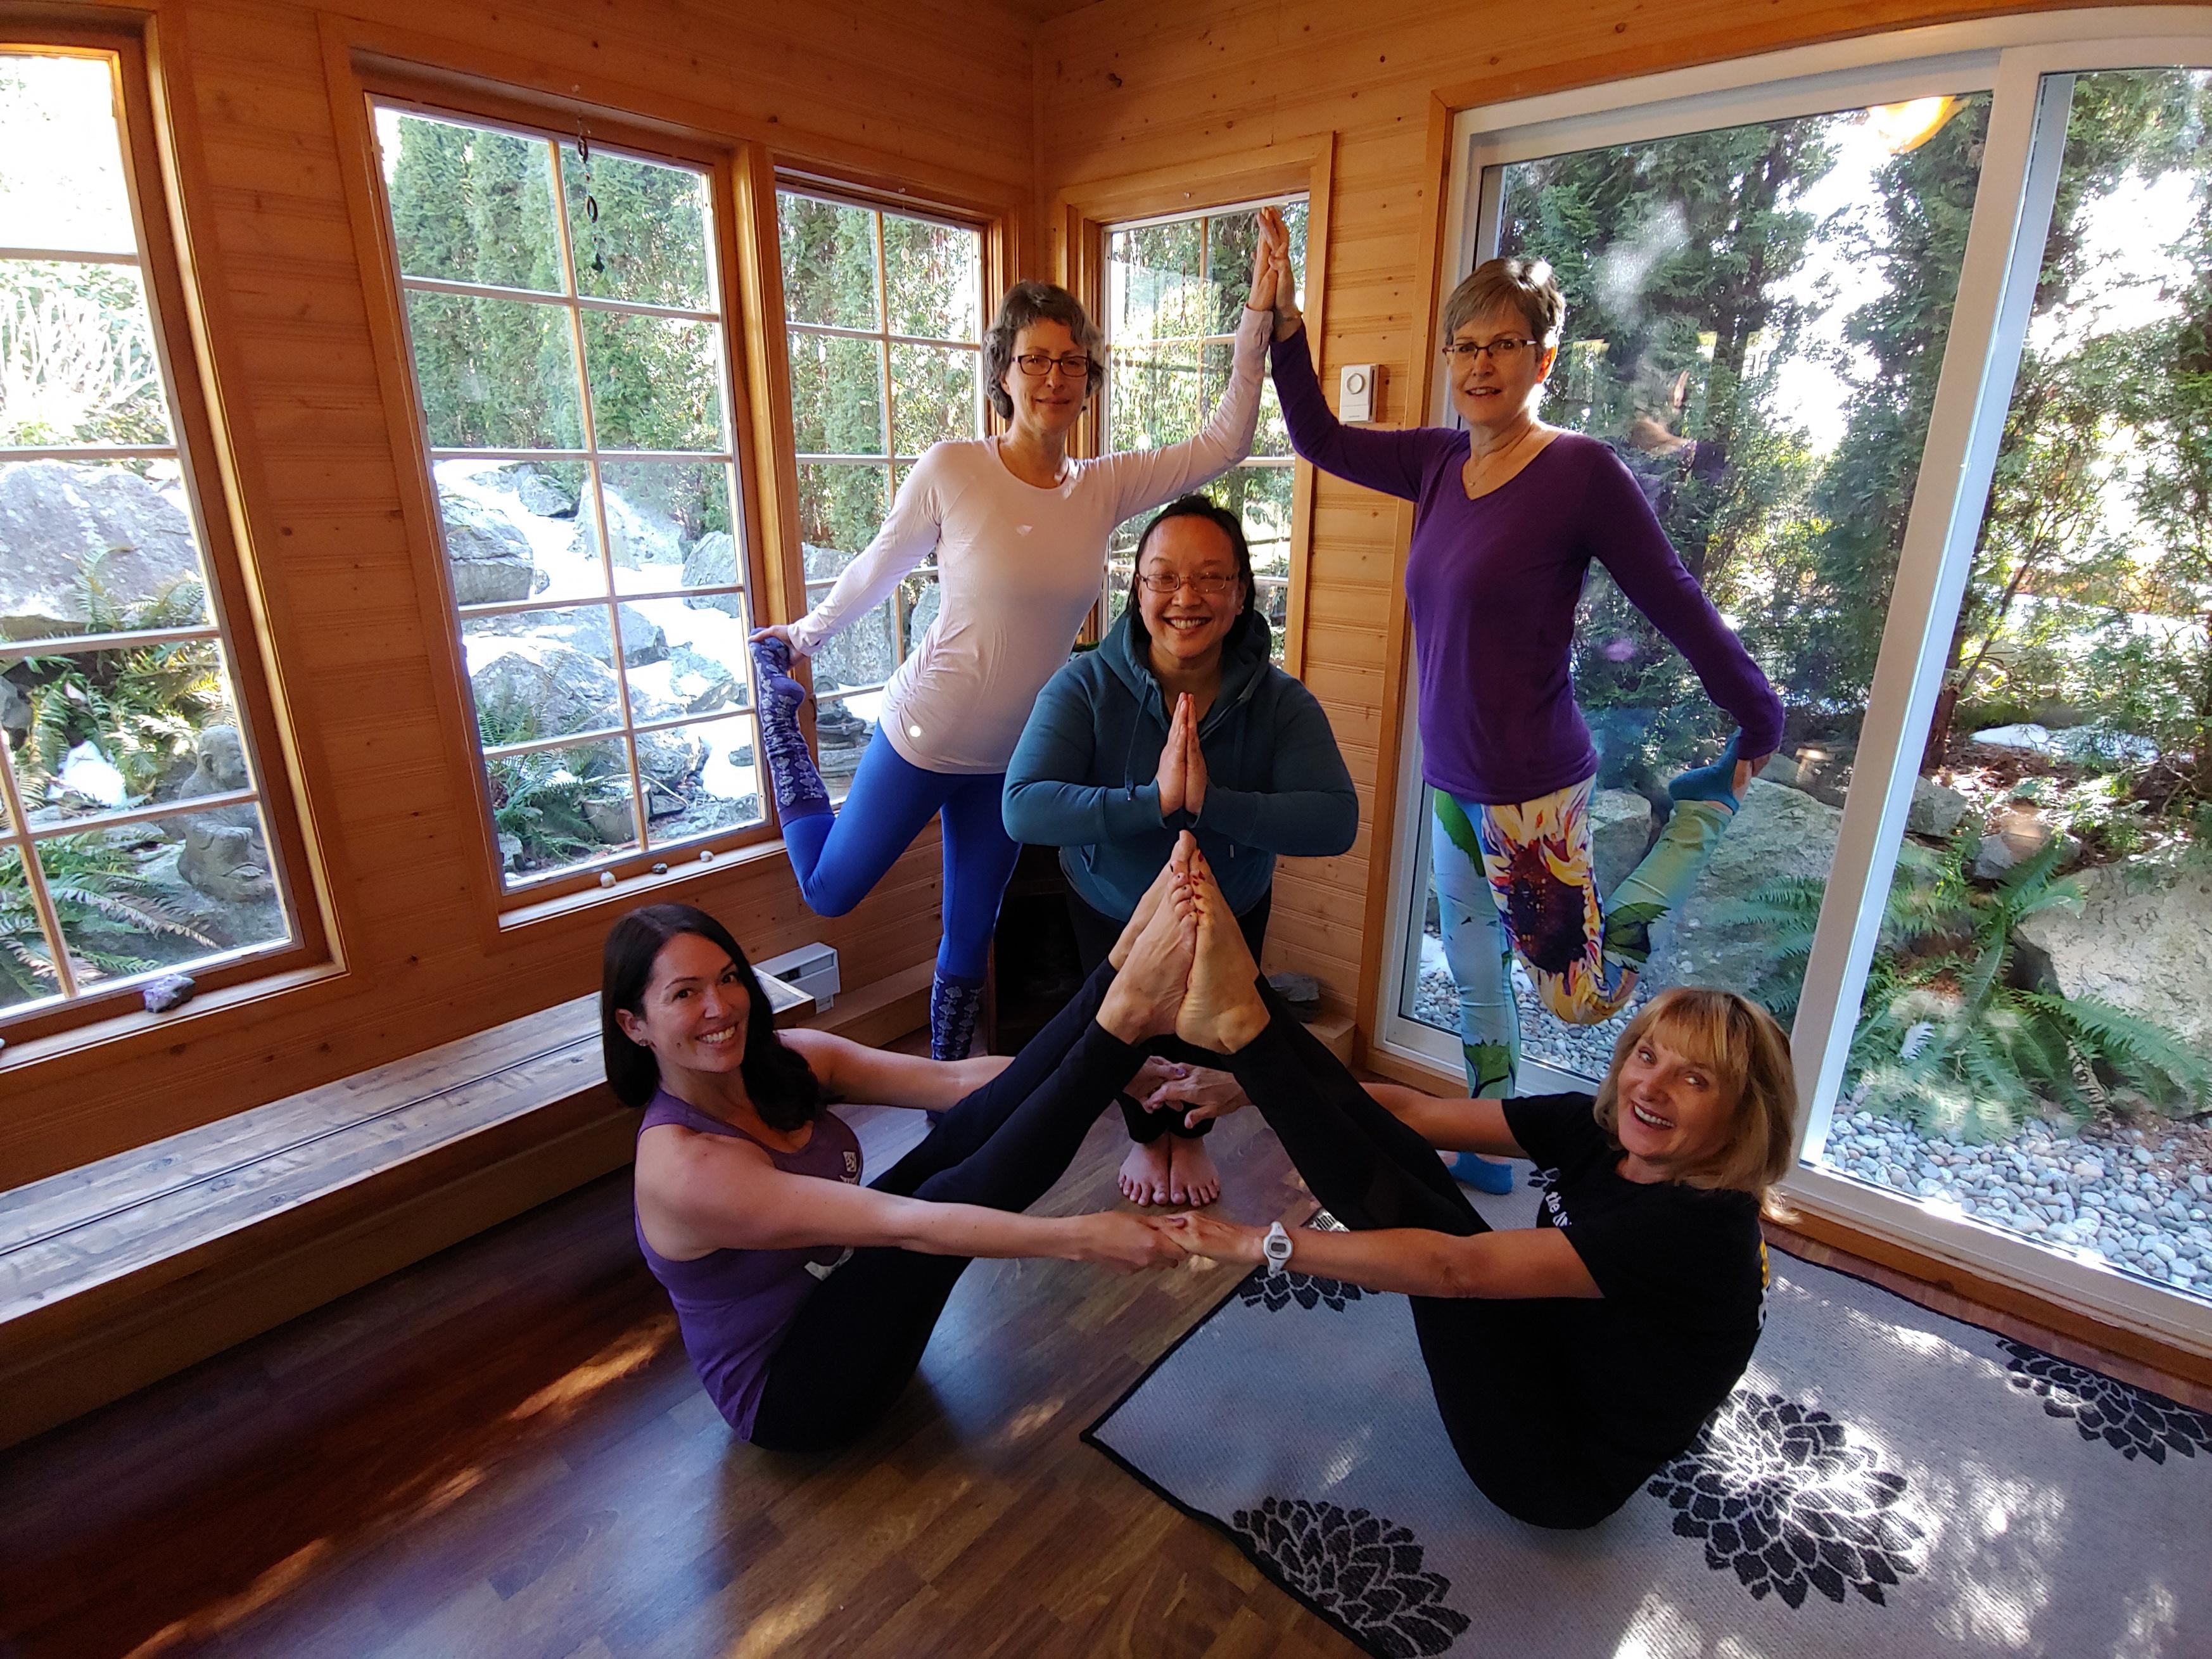 Pilates Yoga Fusion 5:45 pm